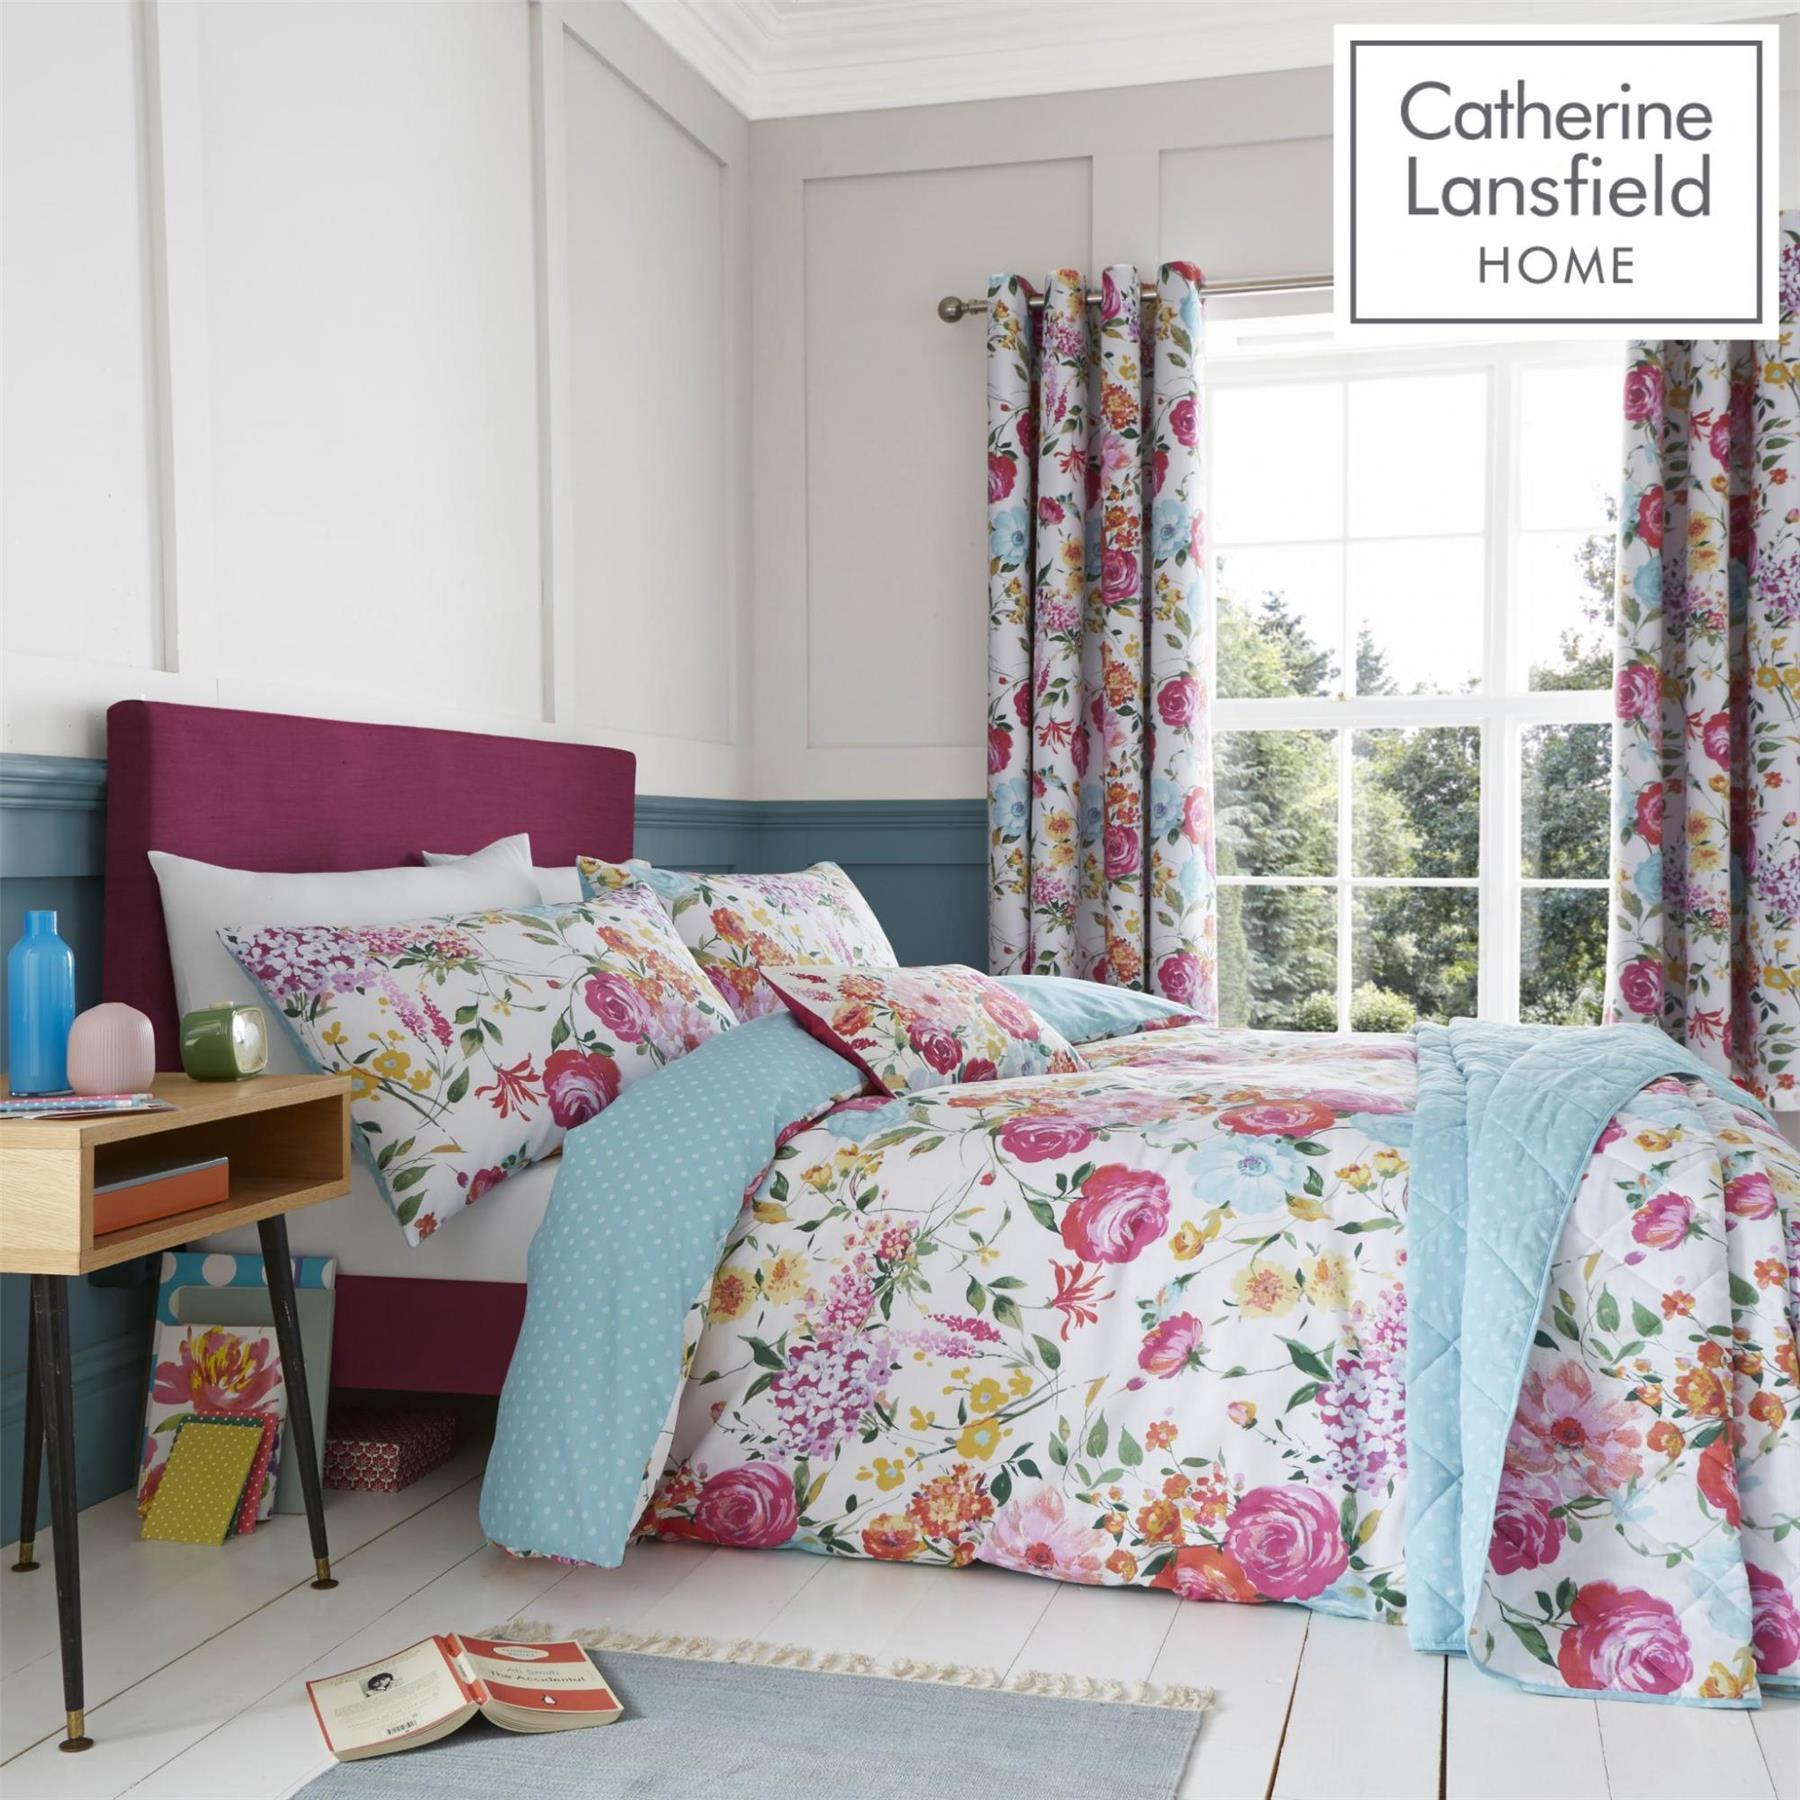 Catherine-Lansfield-biancheria-da-letto-Salisbury-Copripiumino-Set-Tende-Cuscino-Copriletto miniatura 6